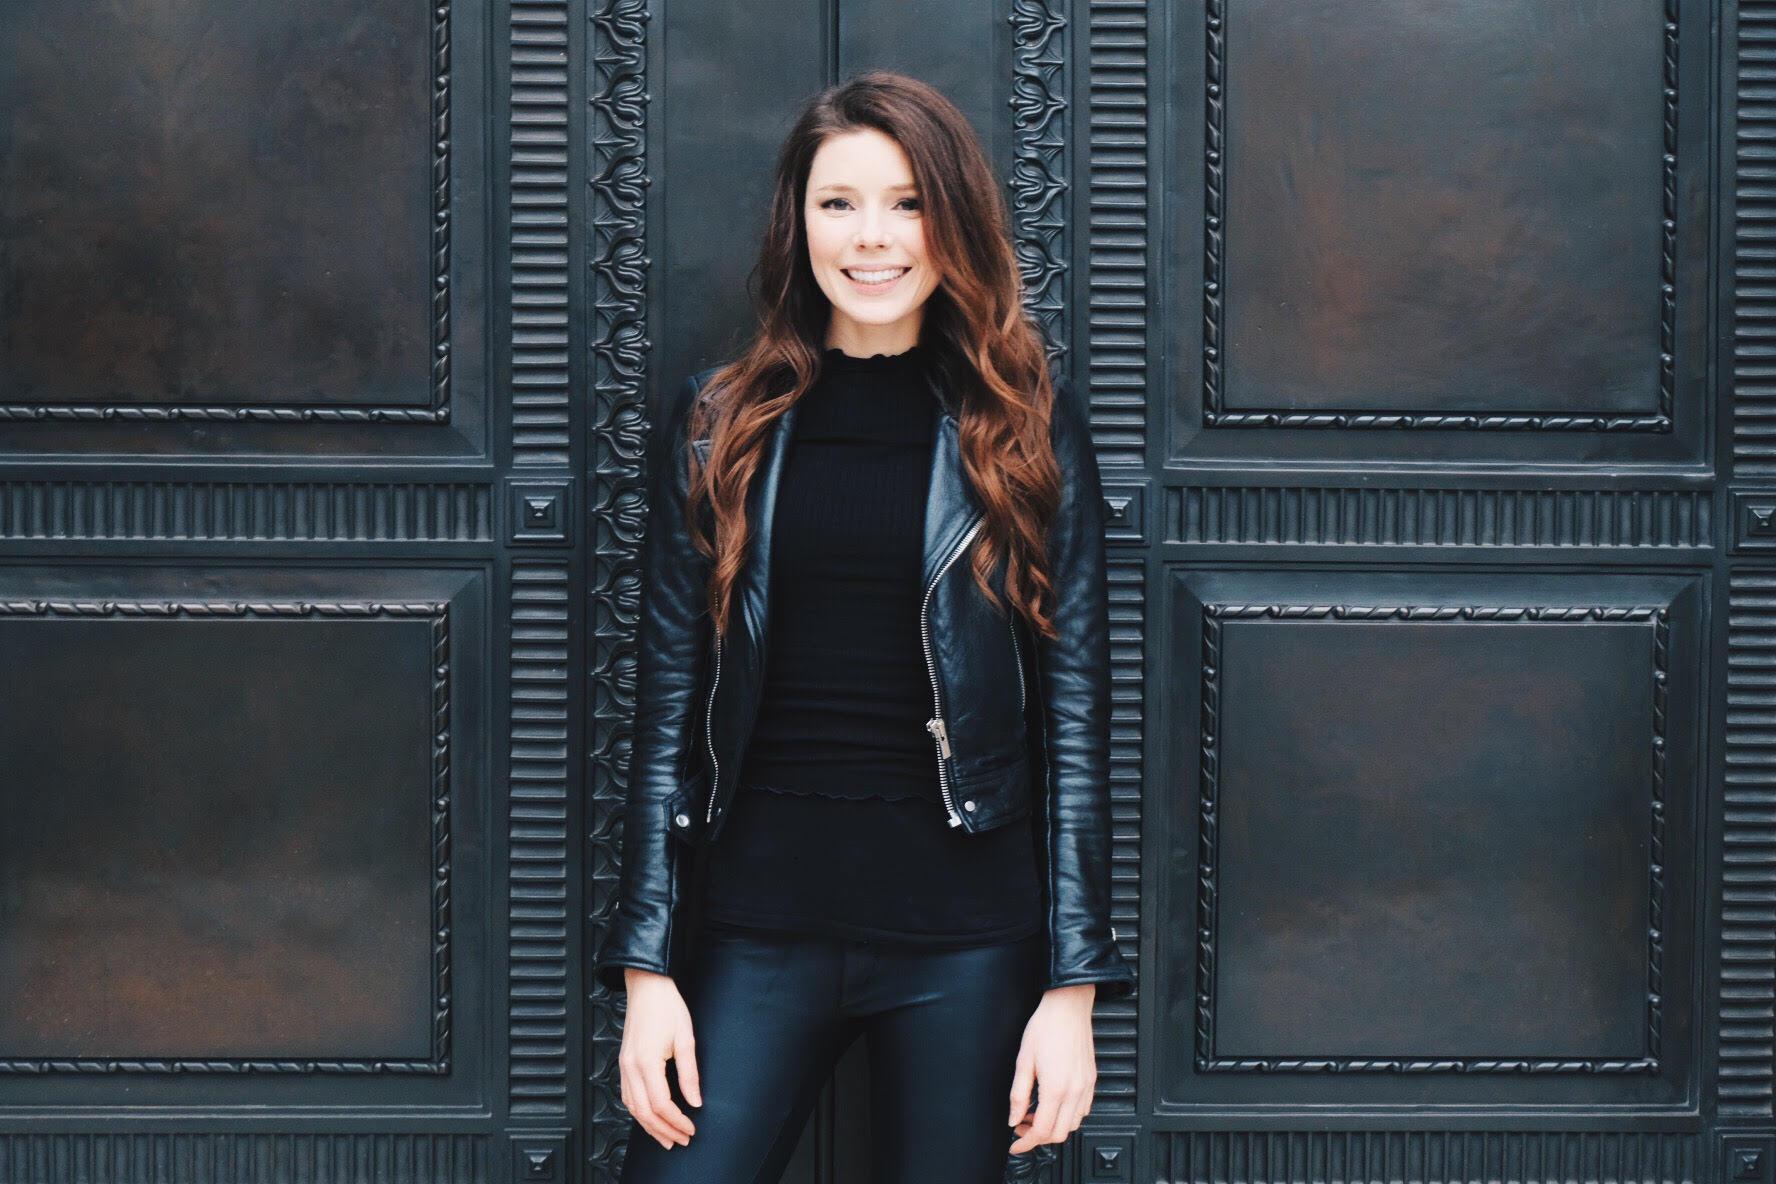 Magdalena_Sverlander_Interview_ Actress_London_Swedes_3